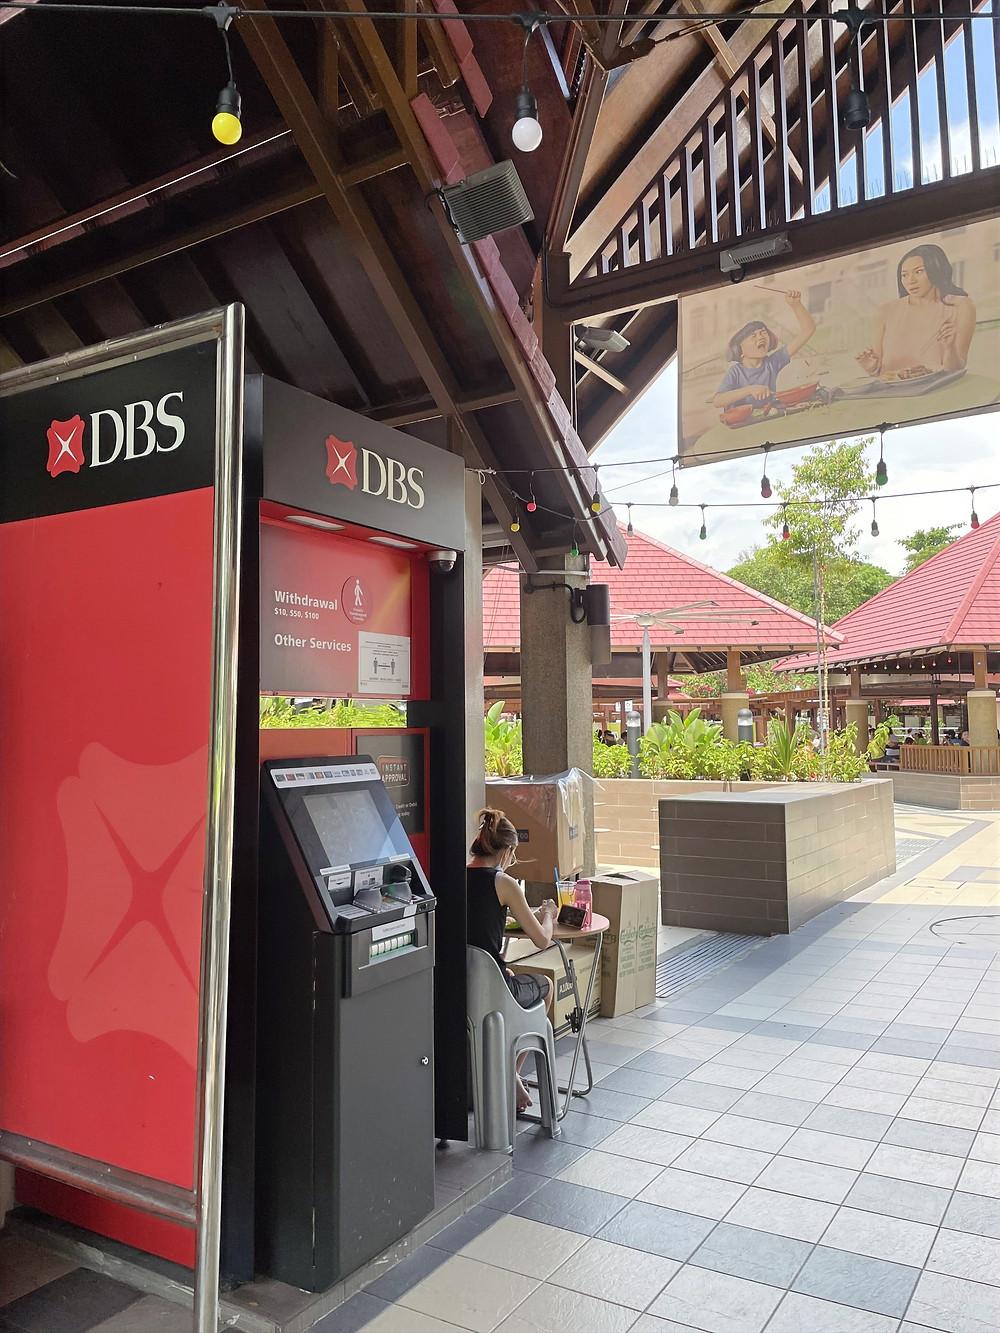 DBS ATM machine